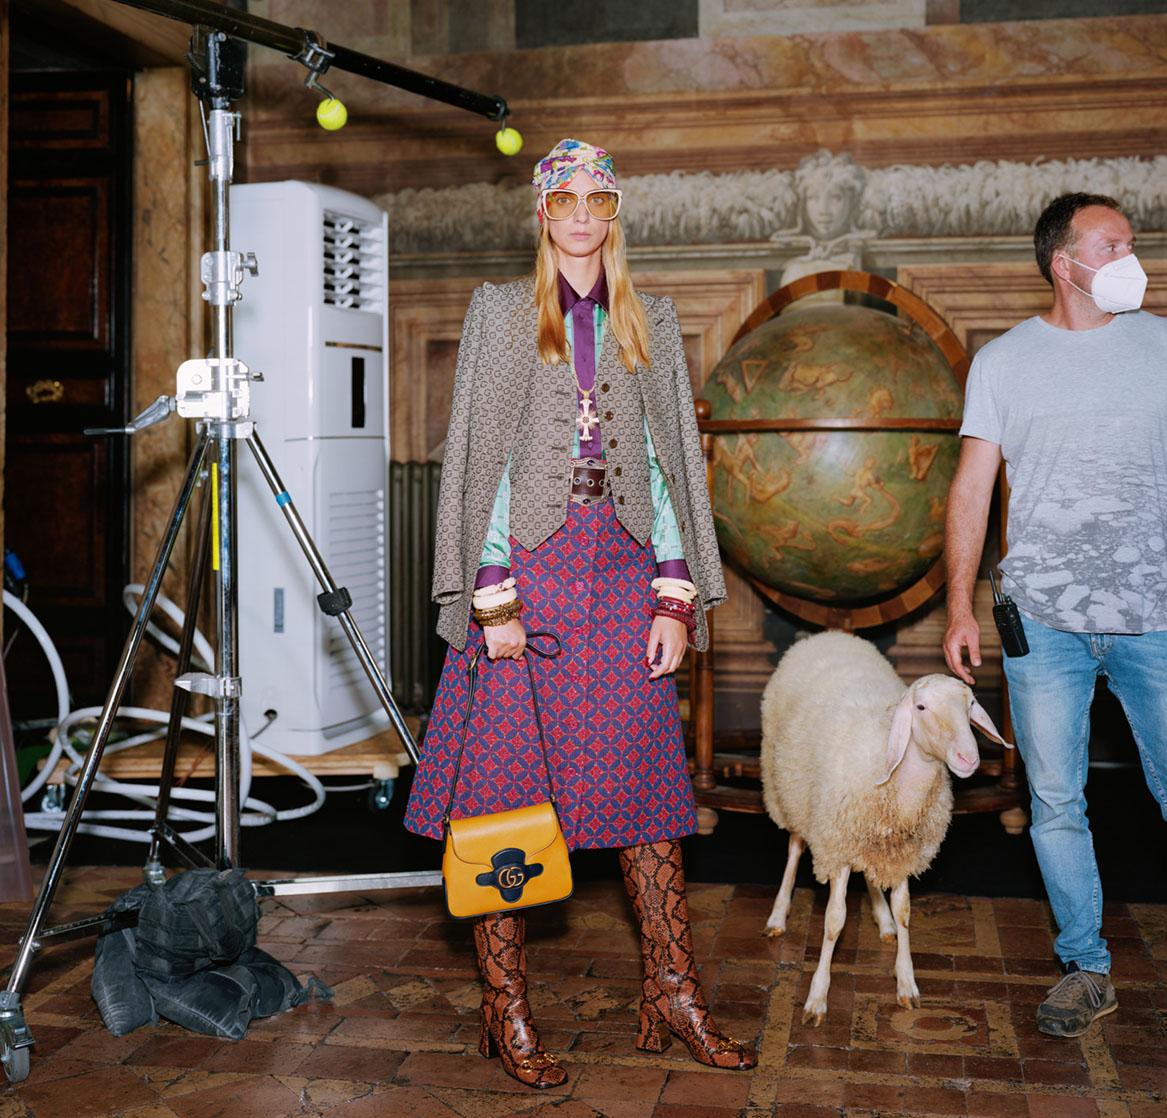 Campaign BST Epilogue của Gucci bộ trang phục váy tím và giày boots